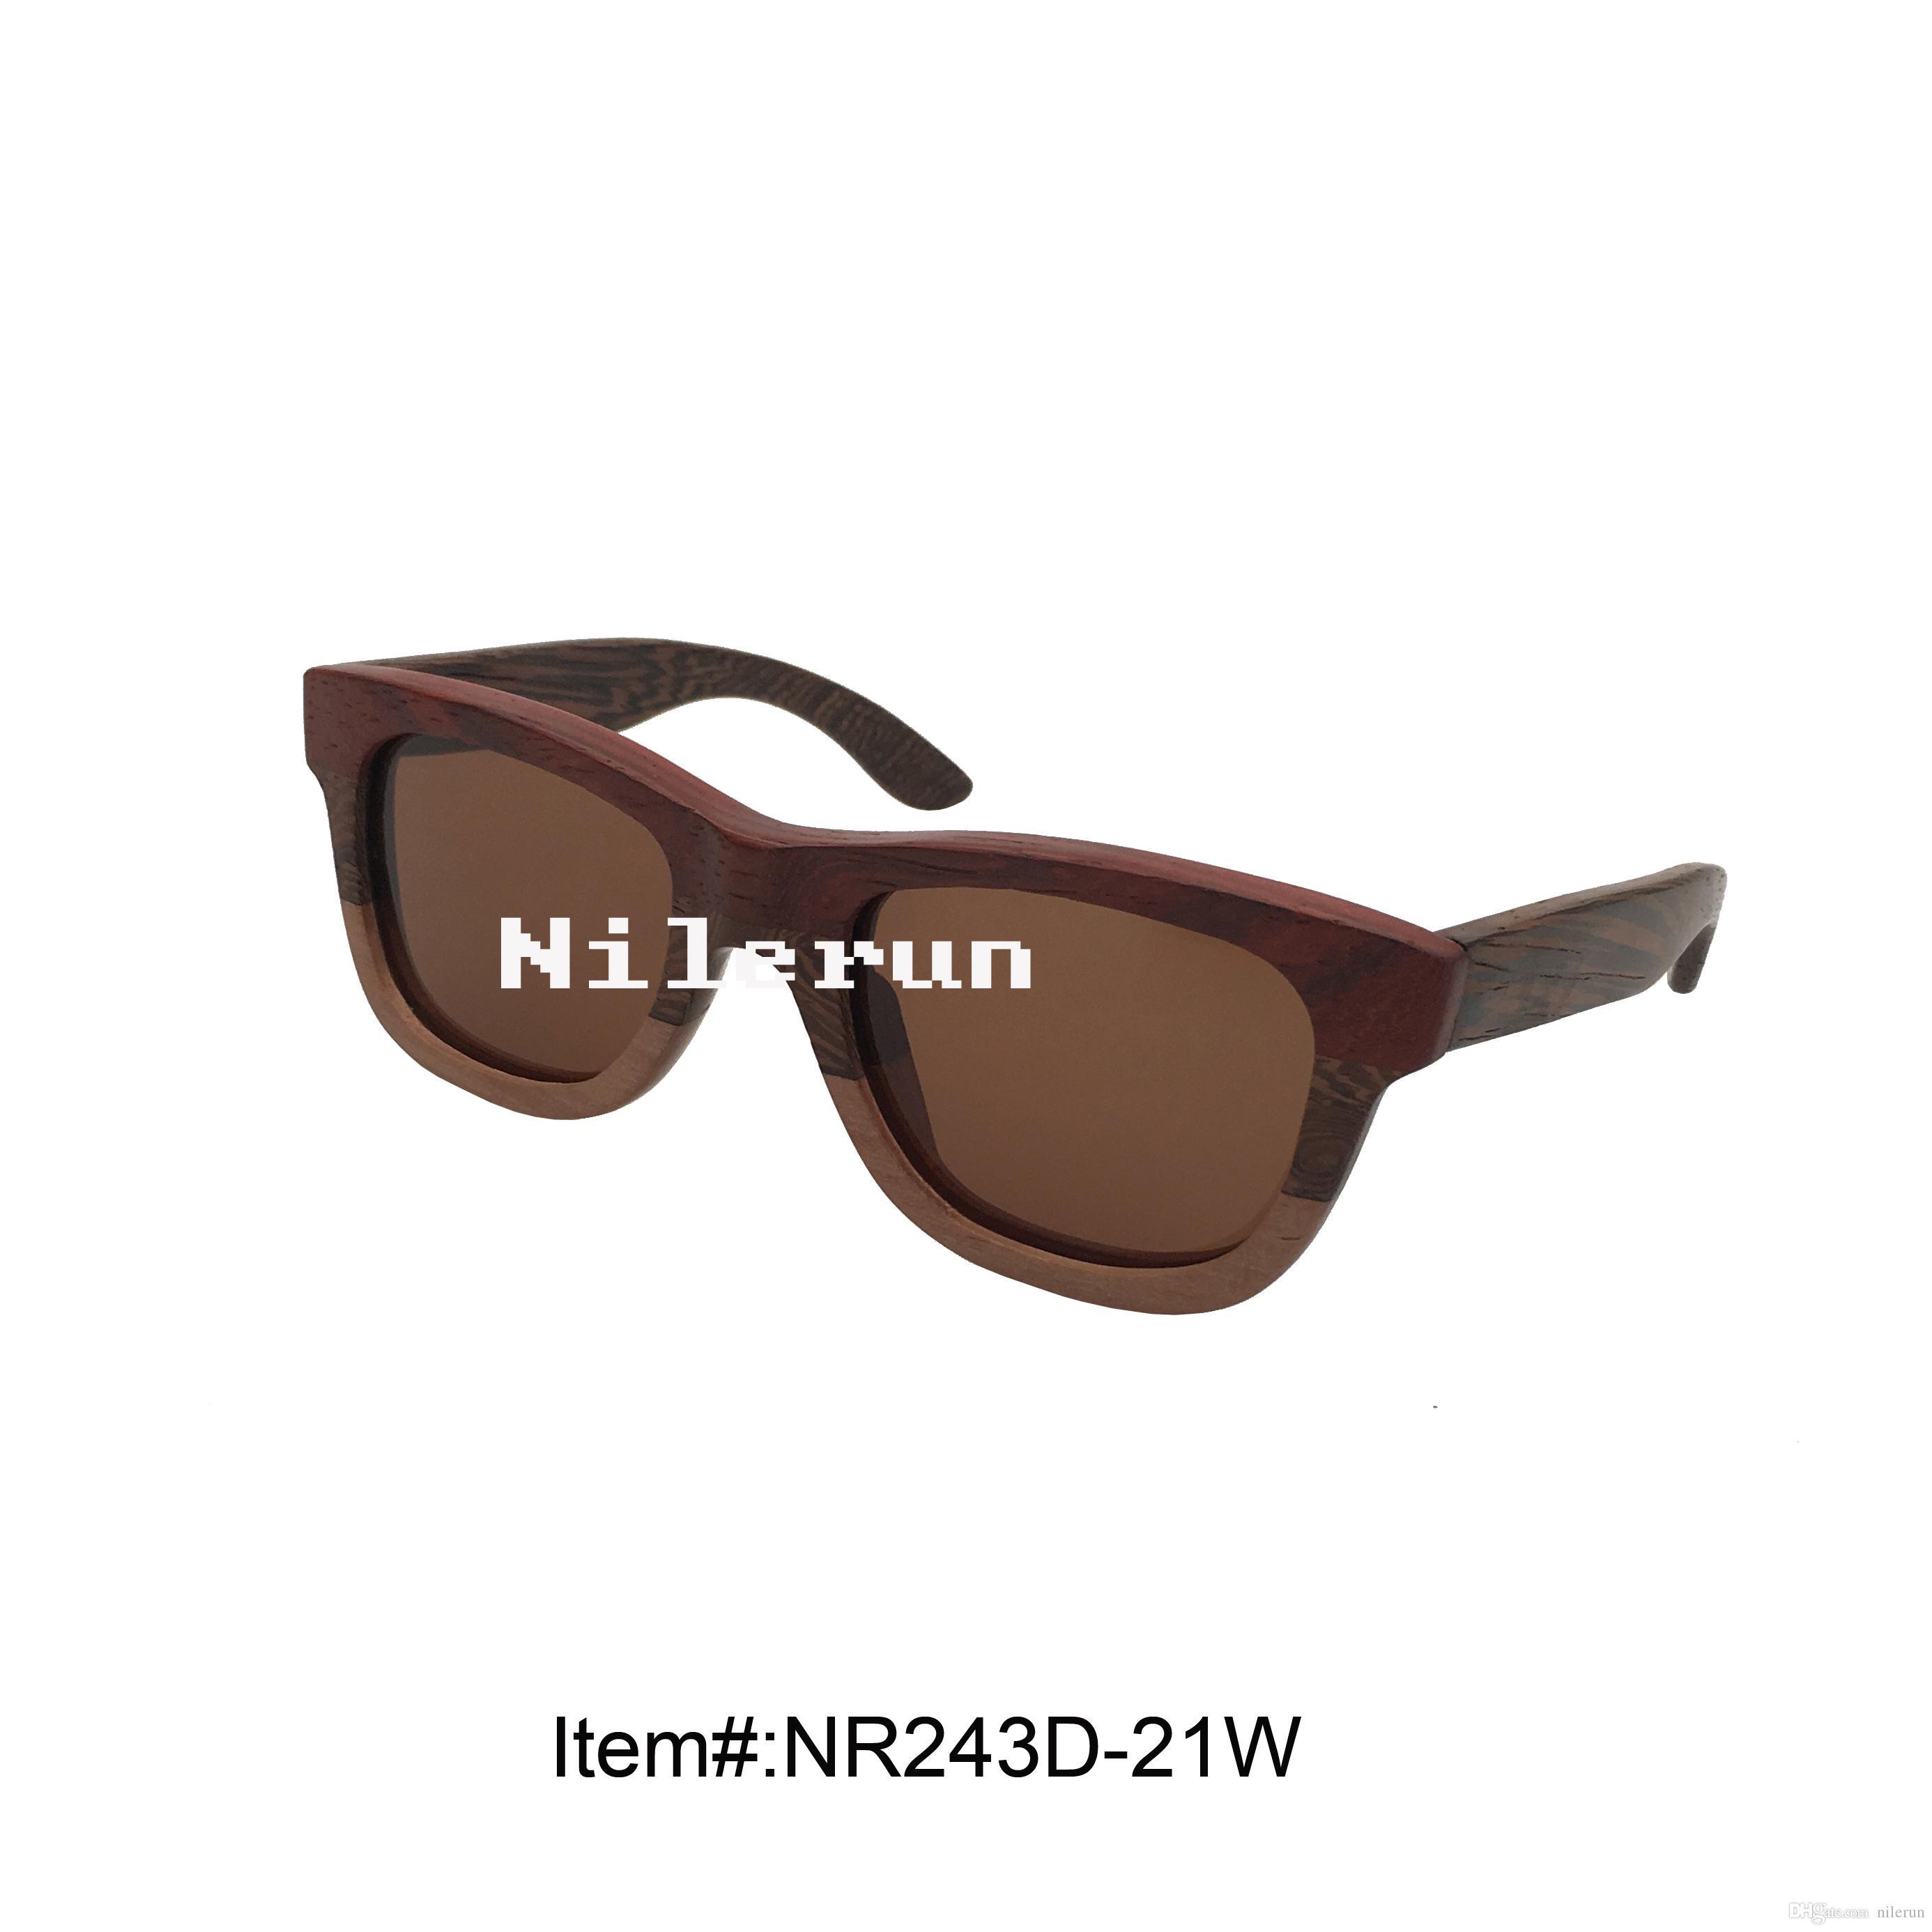 occhiali da sole impiombanti in legno